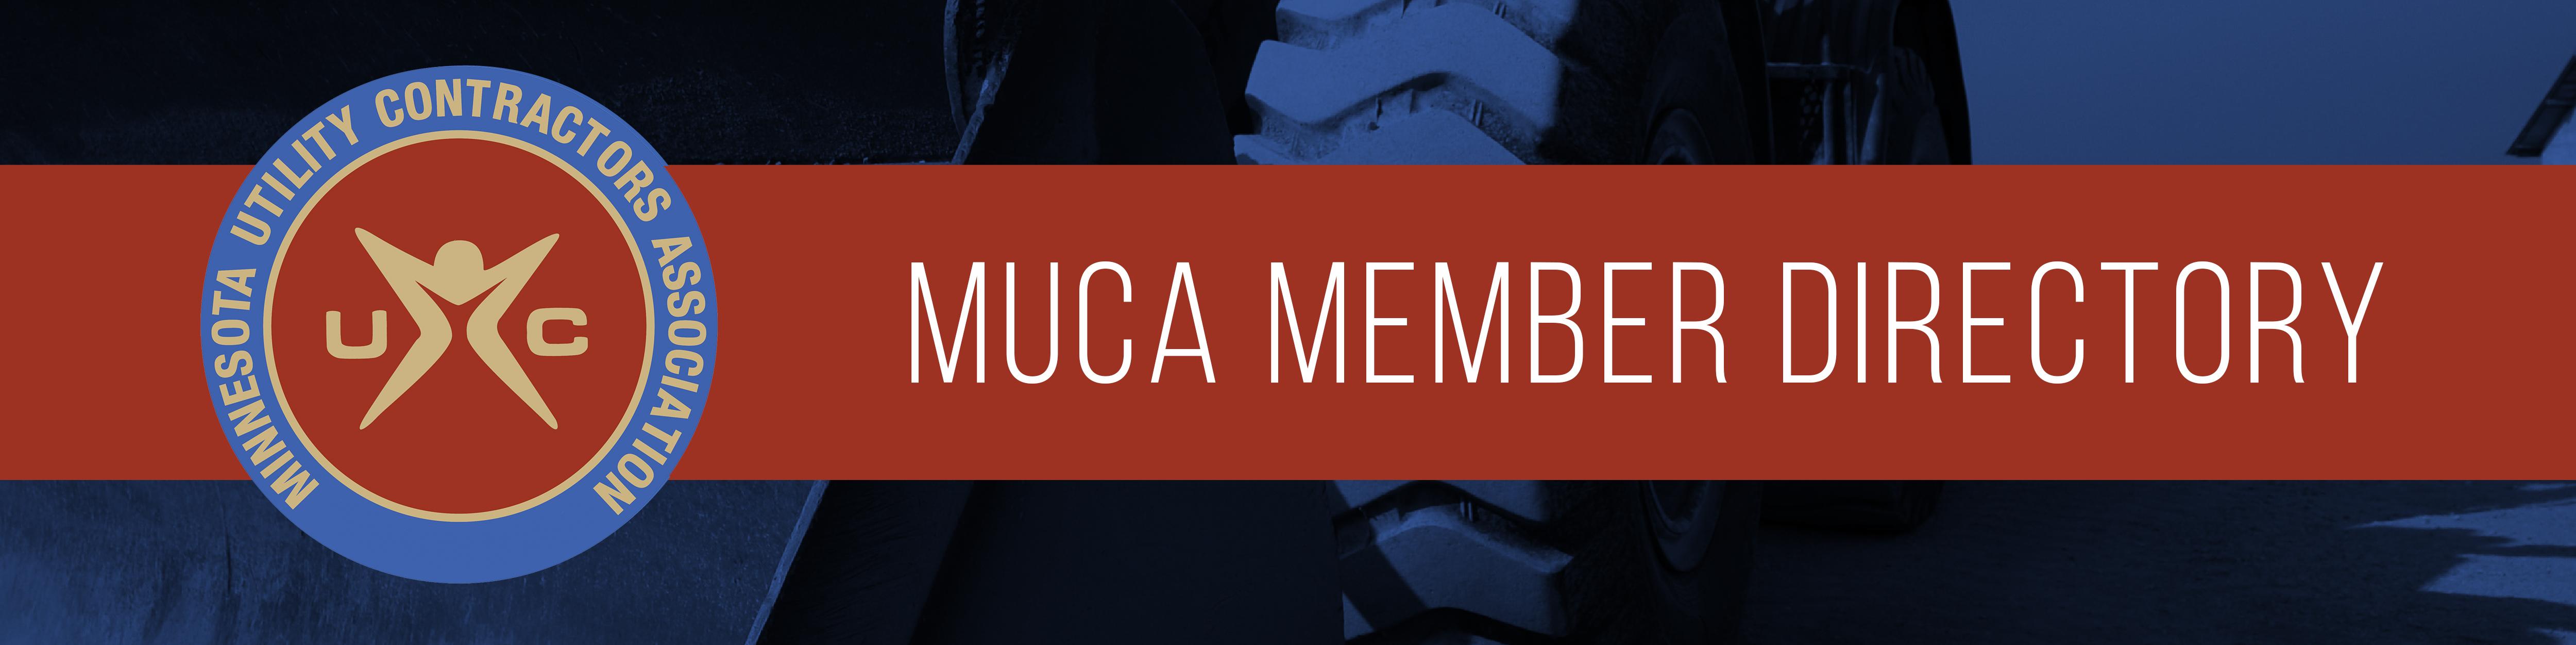 MUCA Member Directory